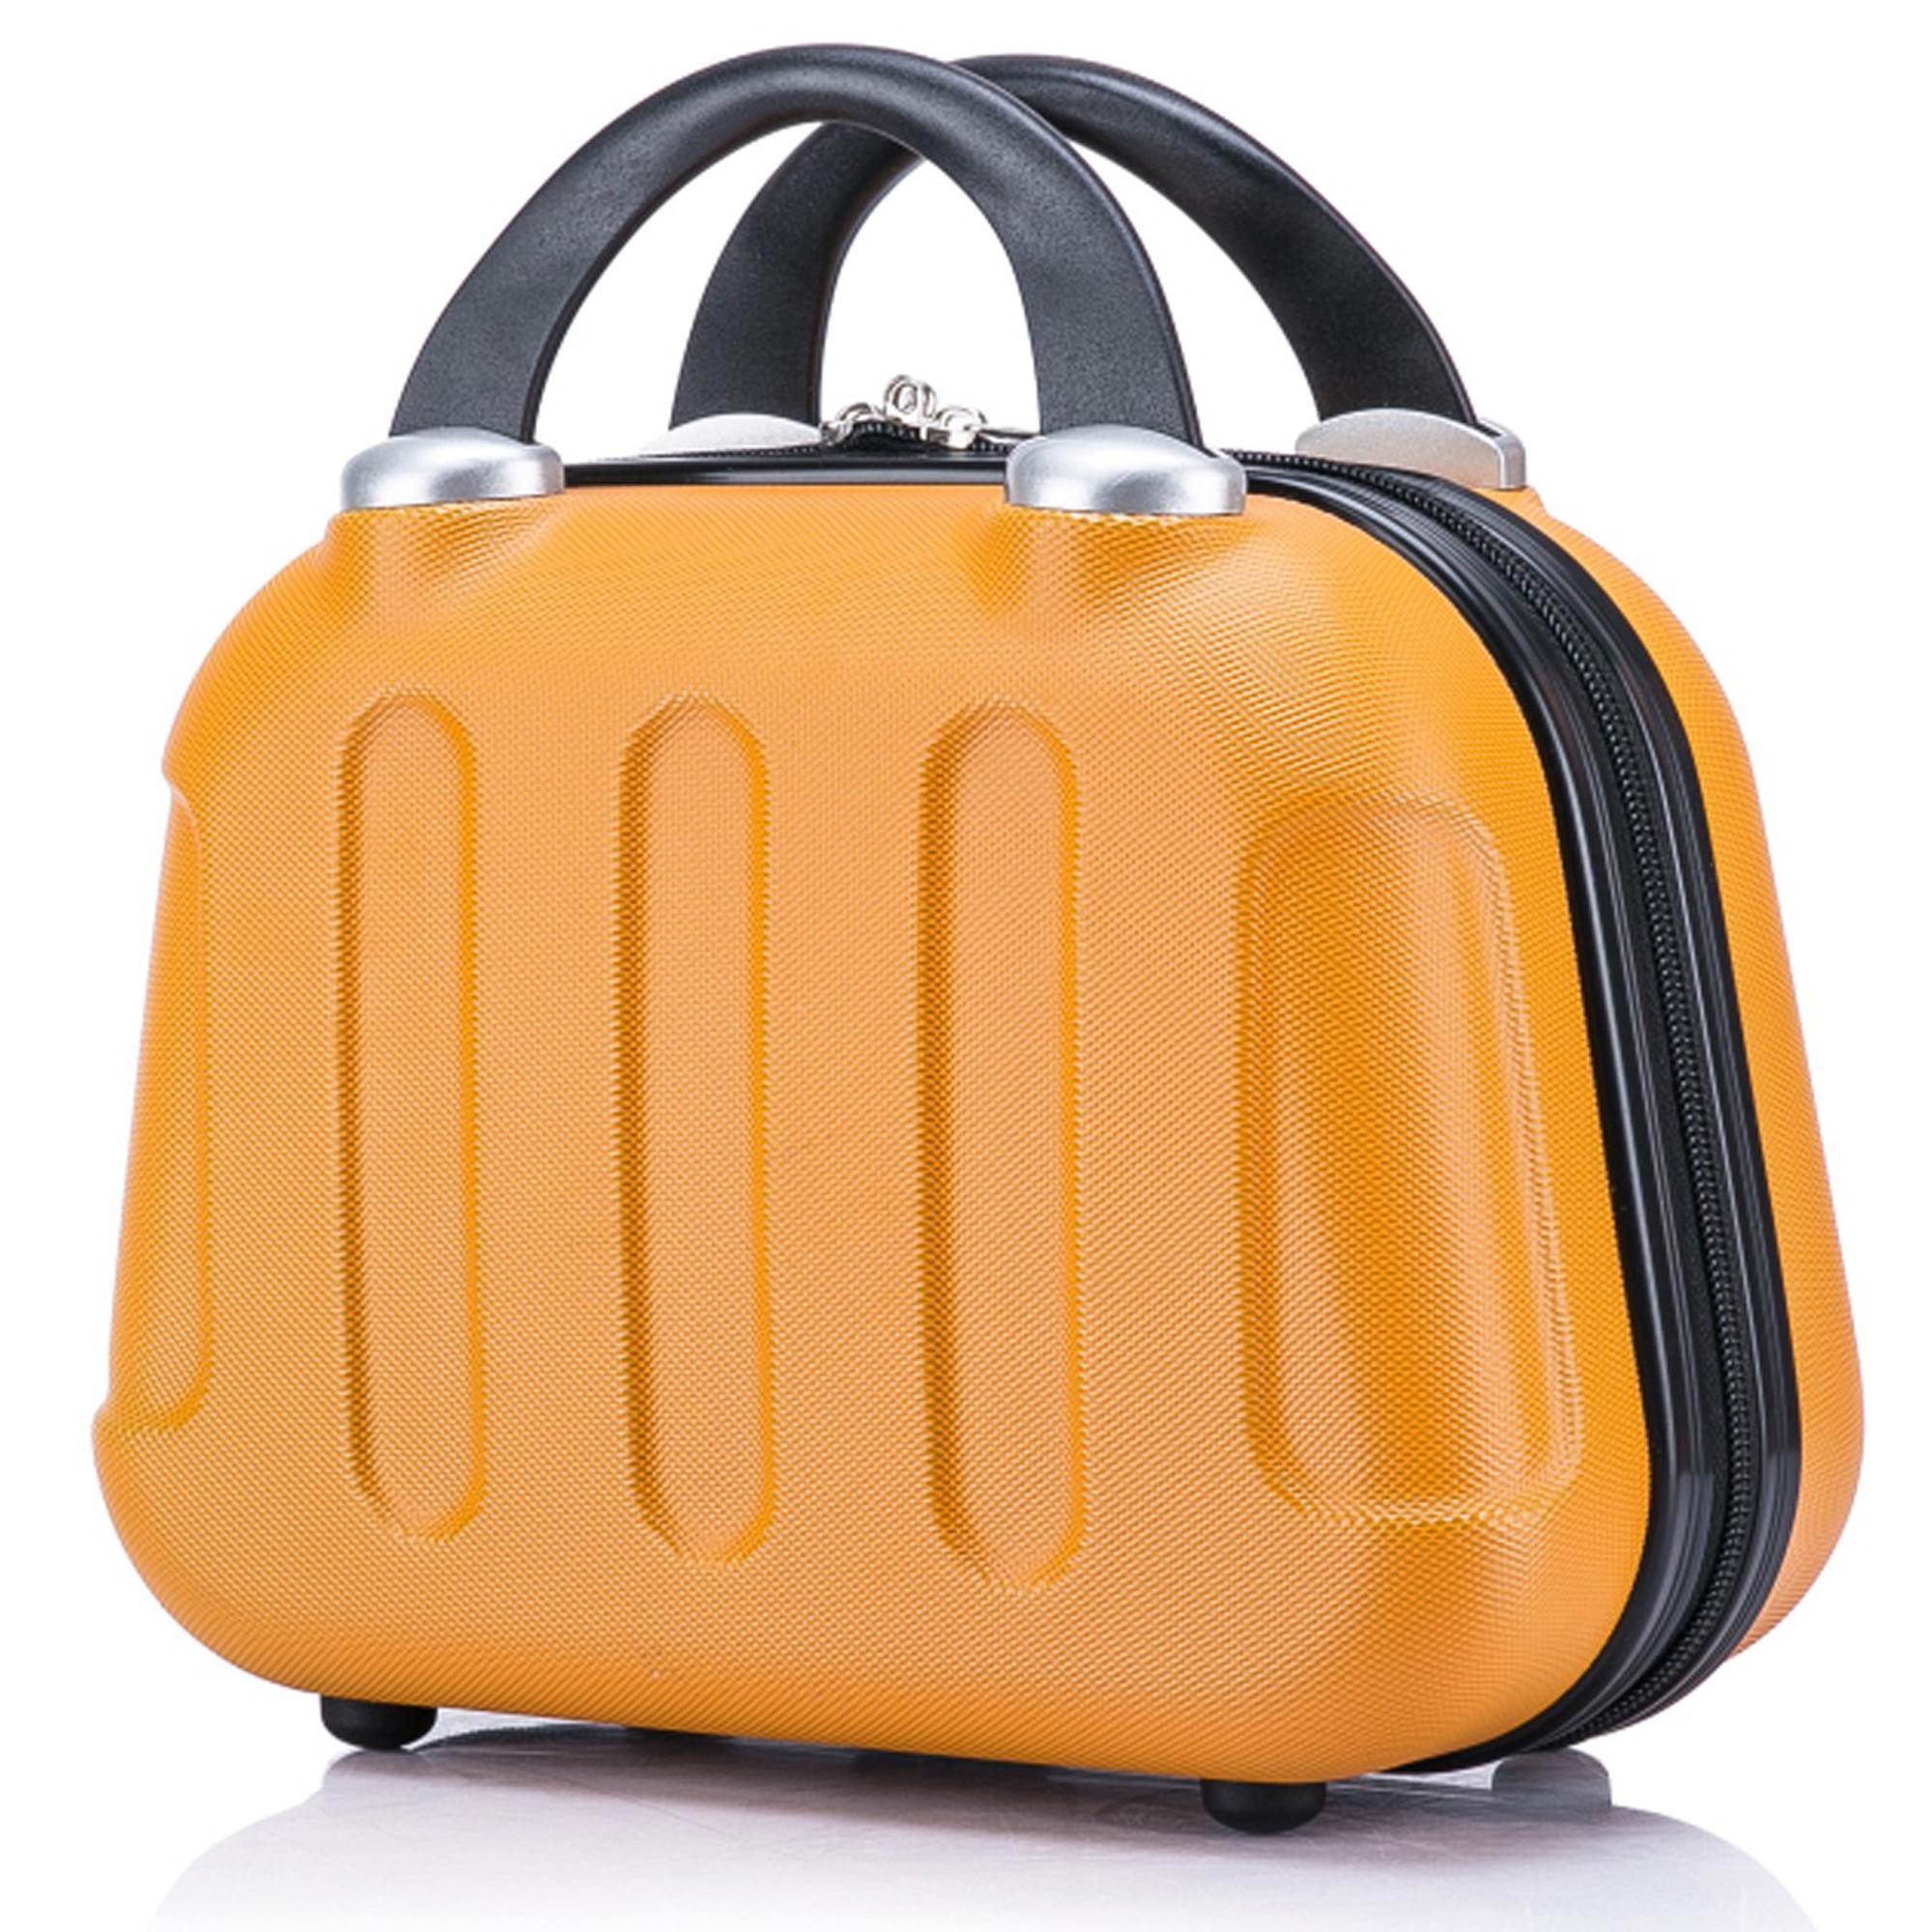 5 teiliges Koffer Set Hartschalenkoffer in 5 Farben - 31